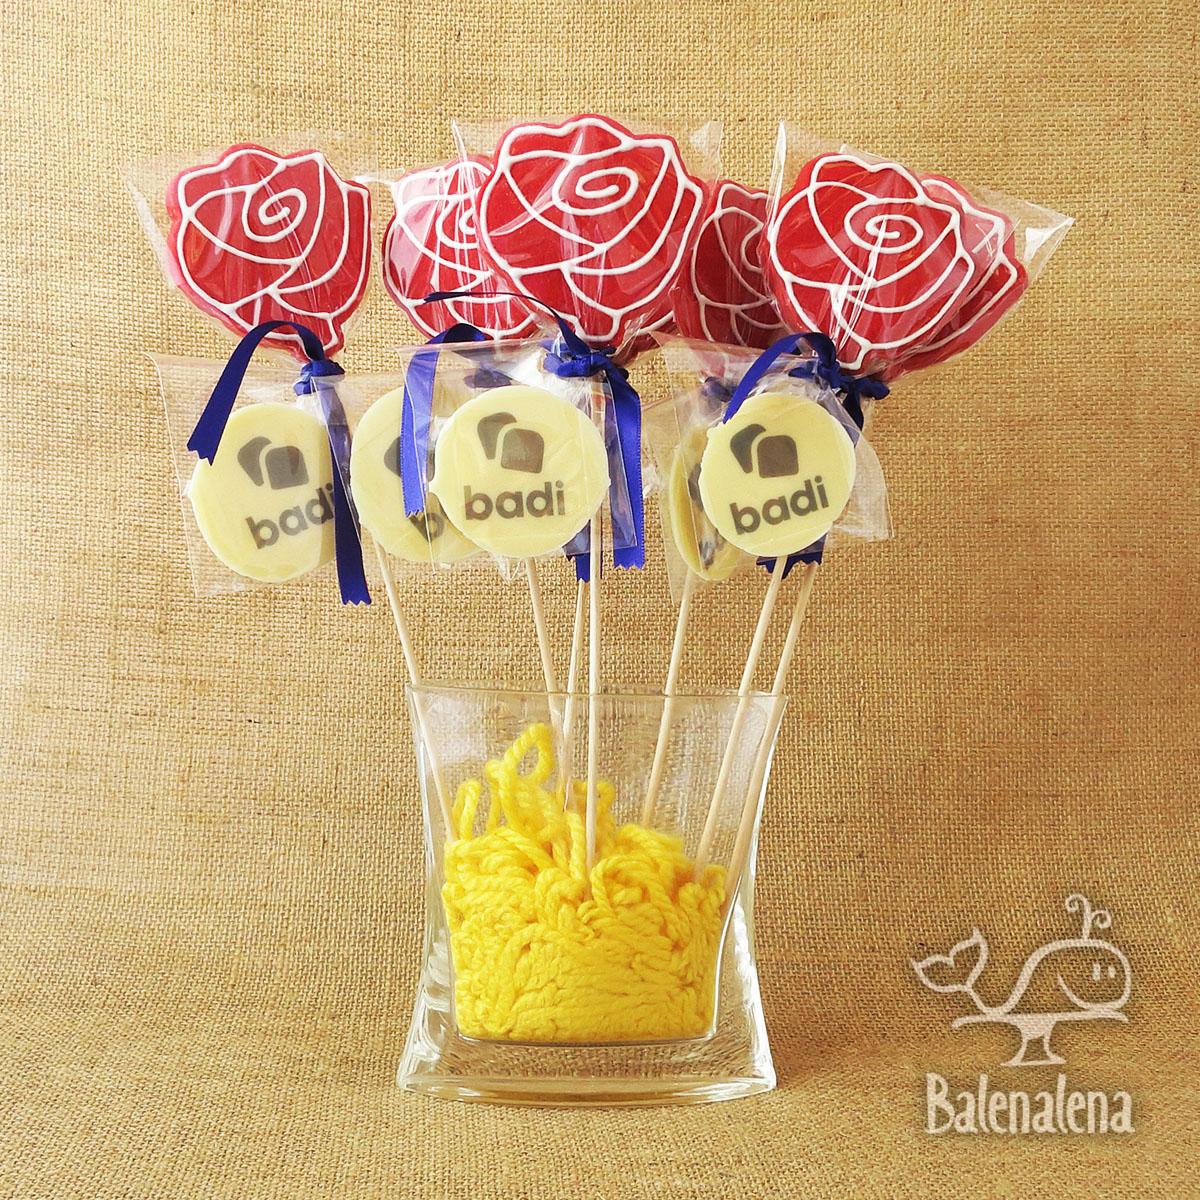 Rosas de Sant Jordi - BADI